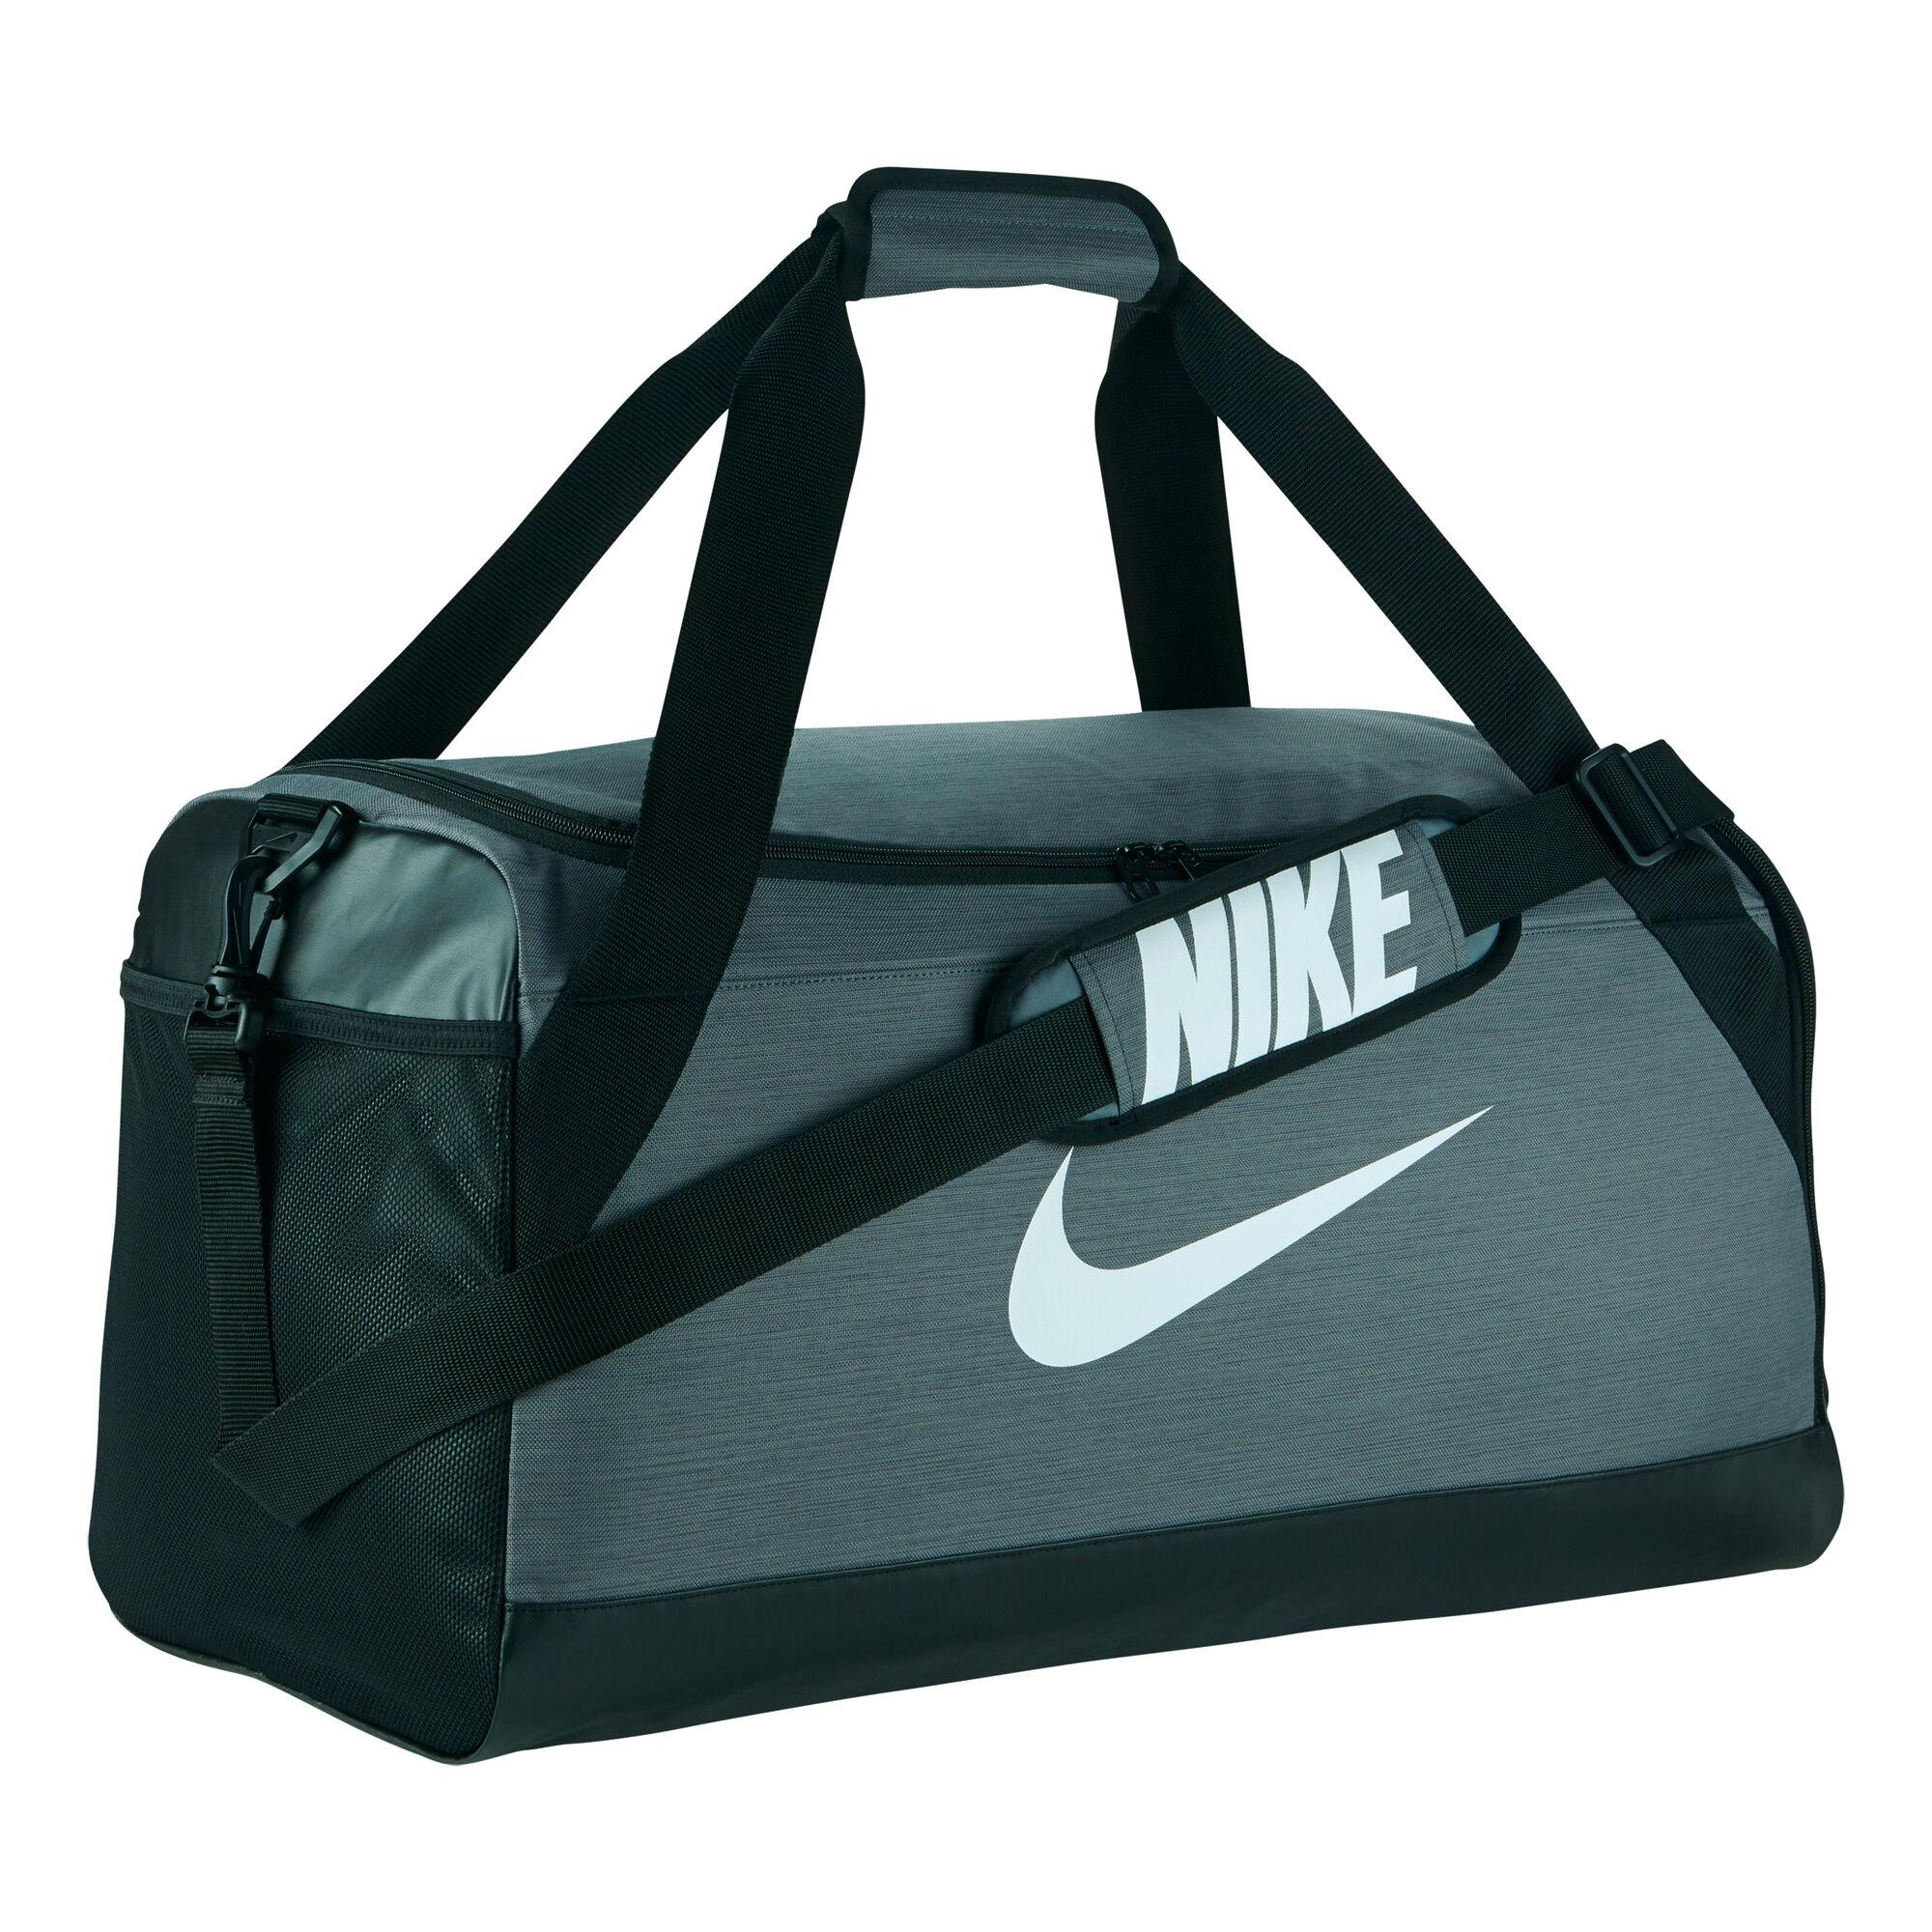 8bb844c0ddde4 Nike Brasilia Duffel Sporttasche Mittel - Grau